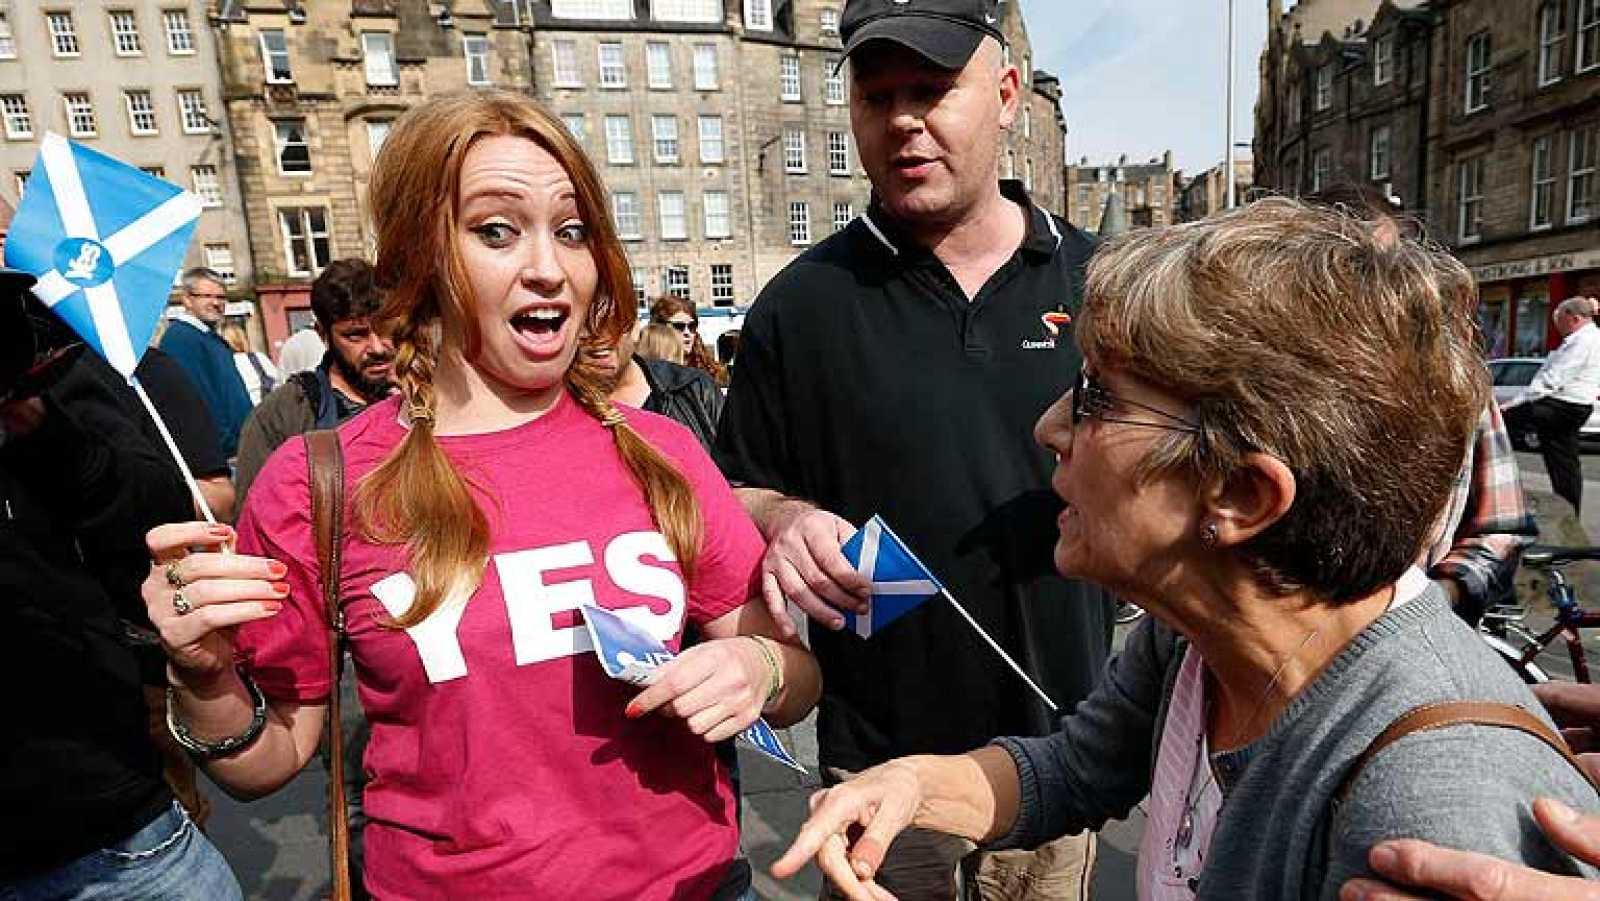 Londres trata de frenar el empuje soberanista acelerando la concesión de nuevos poderes a Escocia